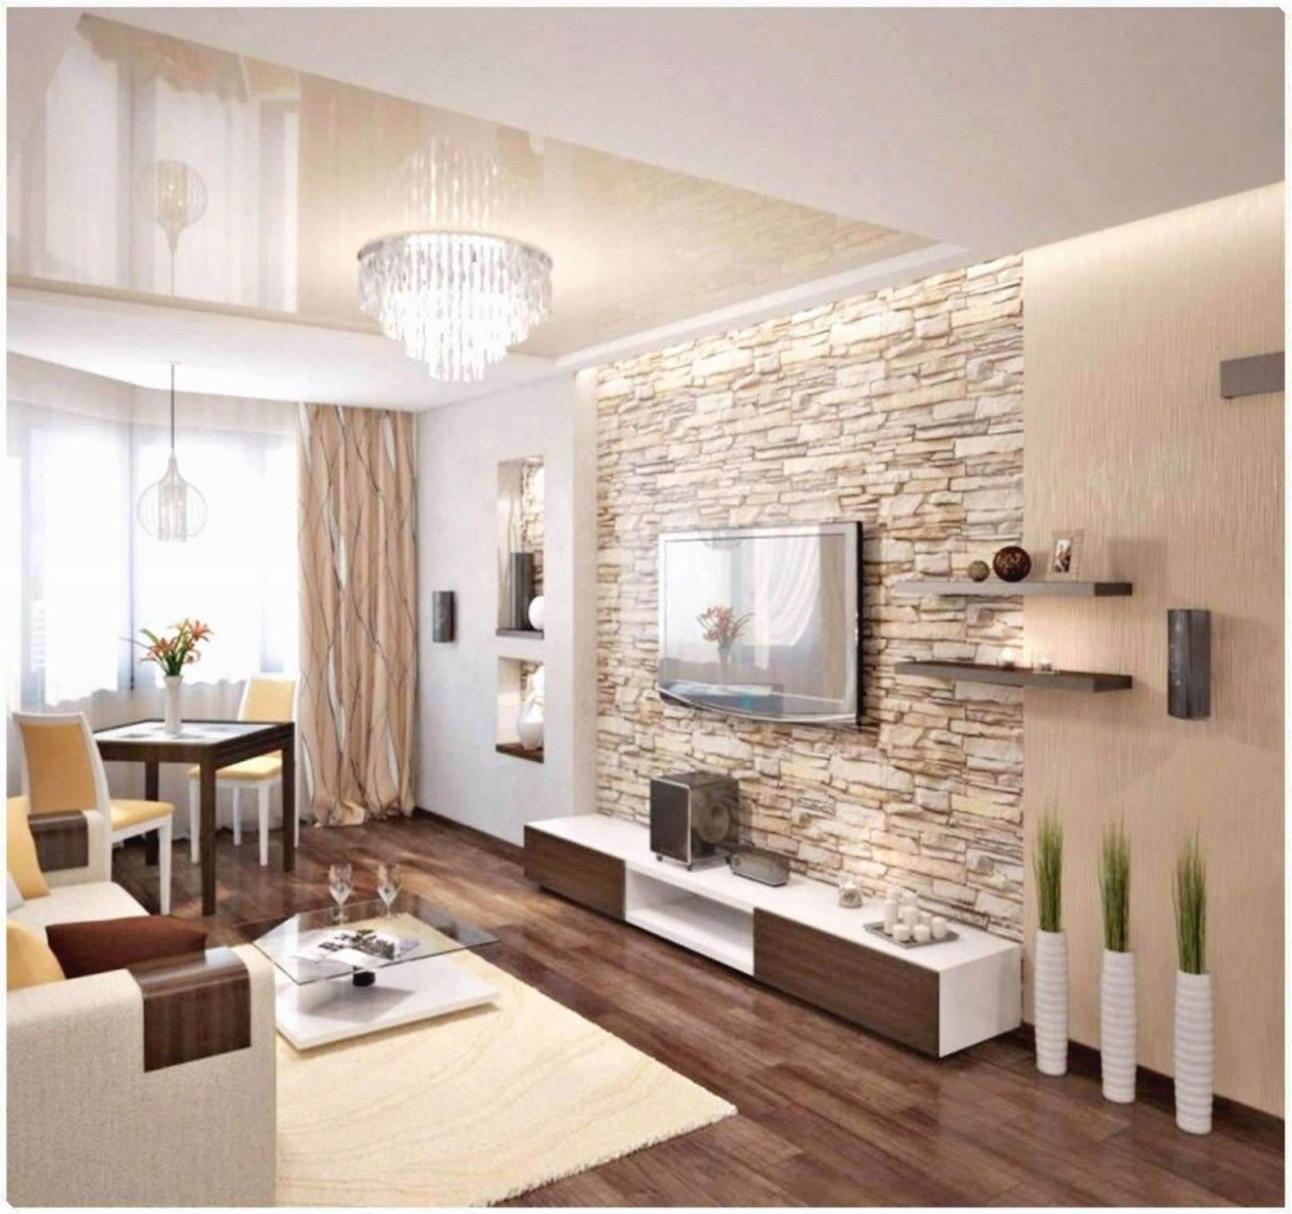 29 Luxus Wohnzimmer Einrichten Ideen Genial  Wohnzimmer Frisch von Ideen Für Wohnzimmer Photo